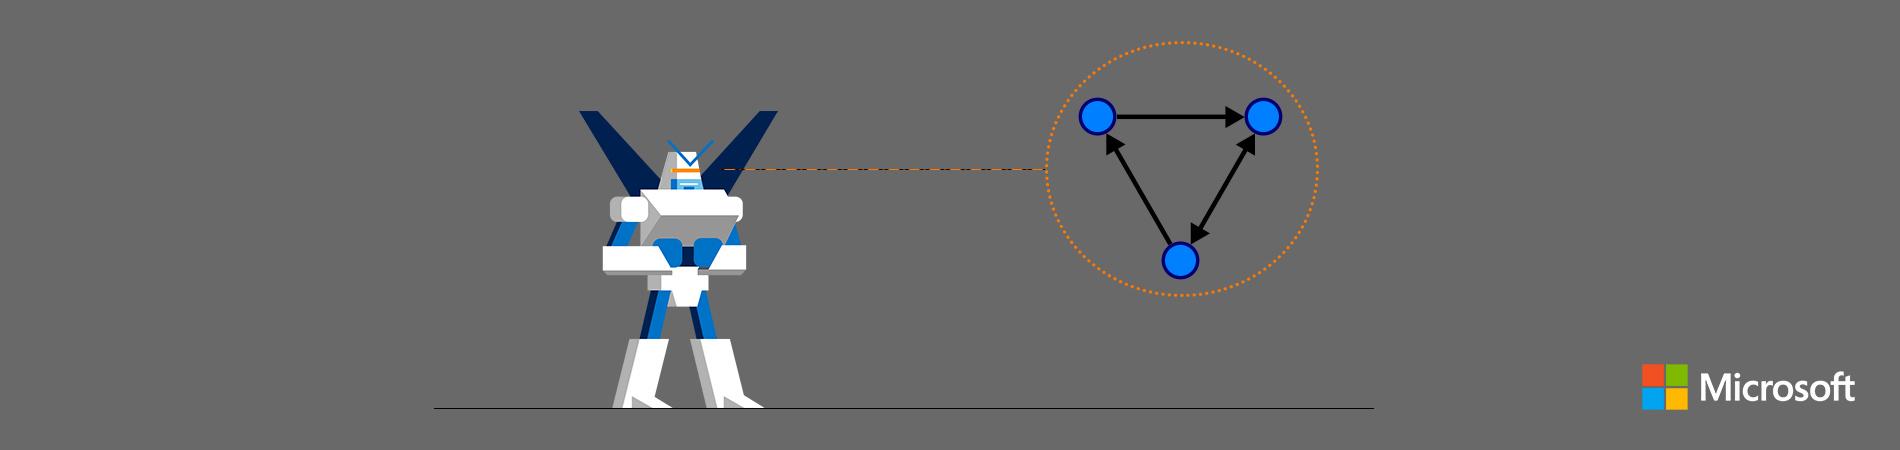 Что общего между конечными автоматами, анимацией и Xamarin.Forms